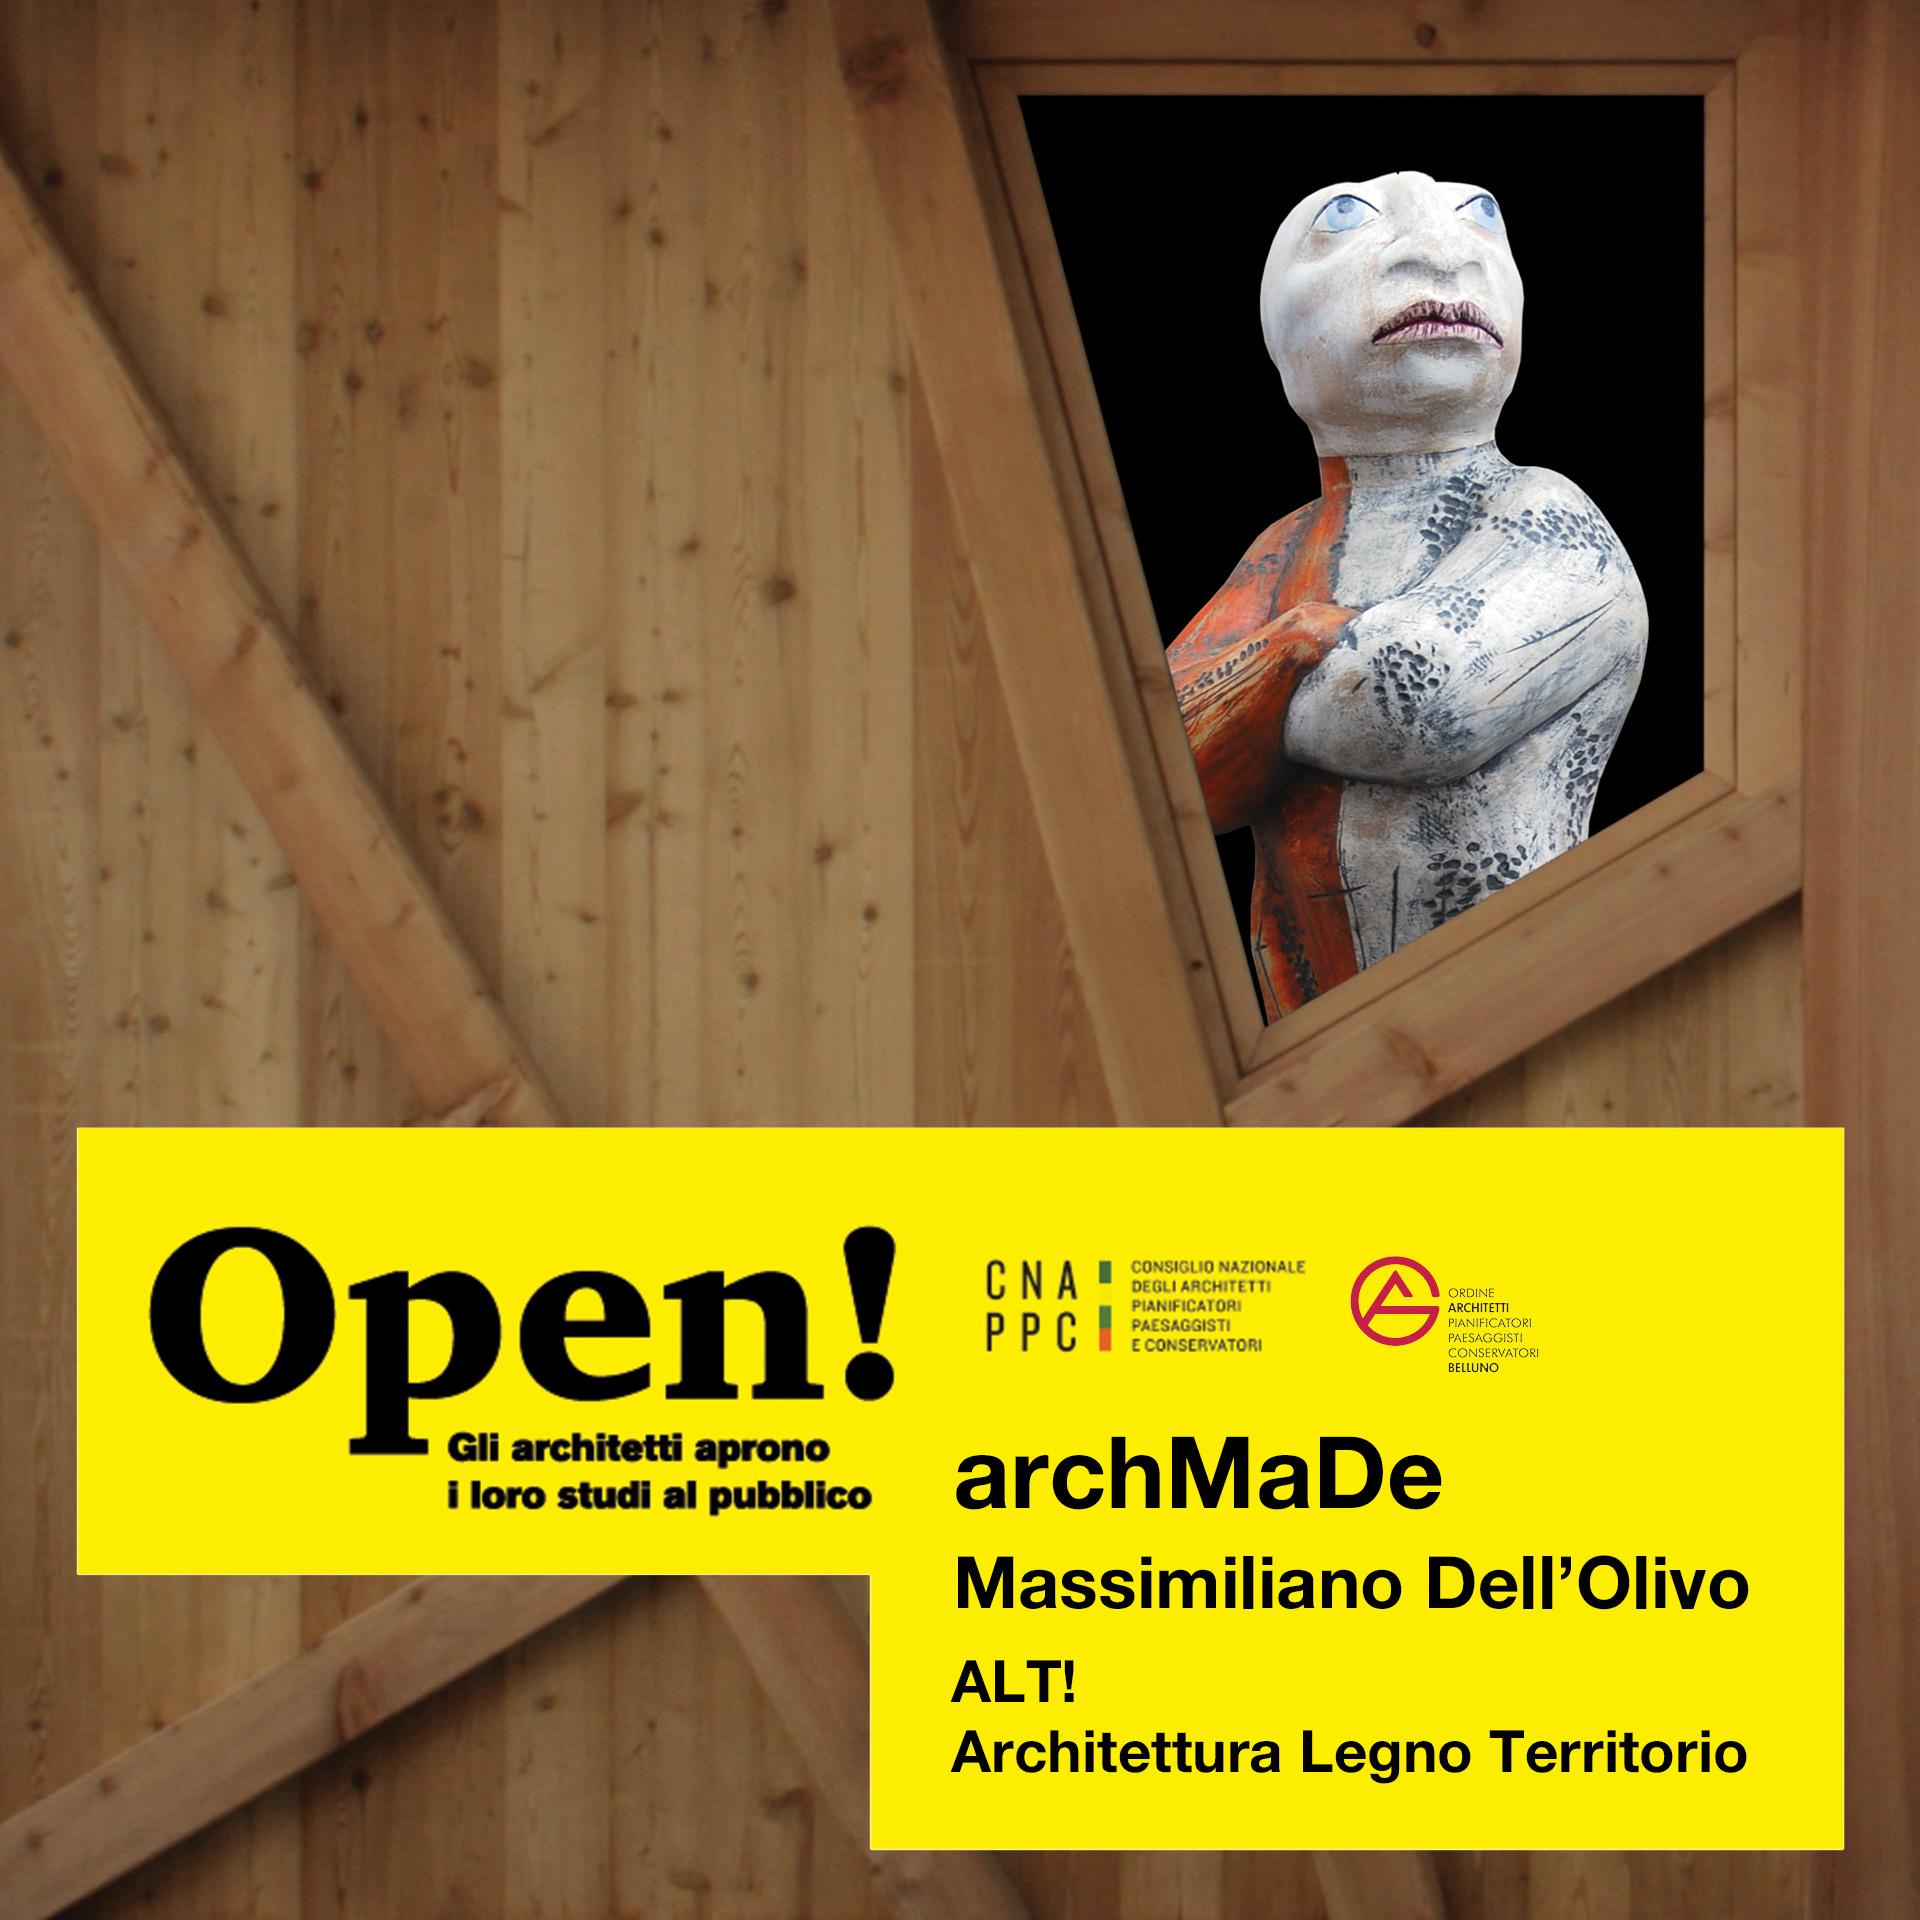 Fotografia evento studio archMaDe: ALT Architettura Legno Territorio